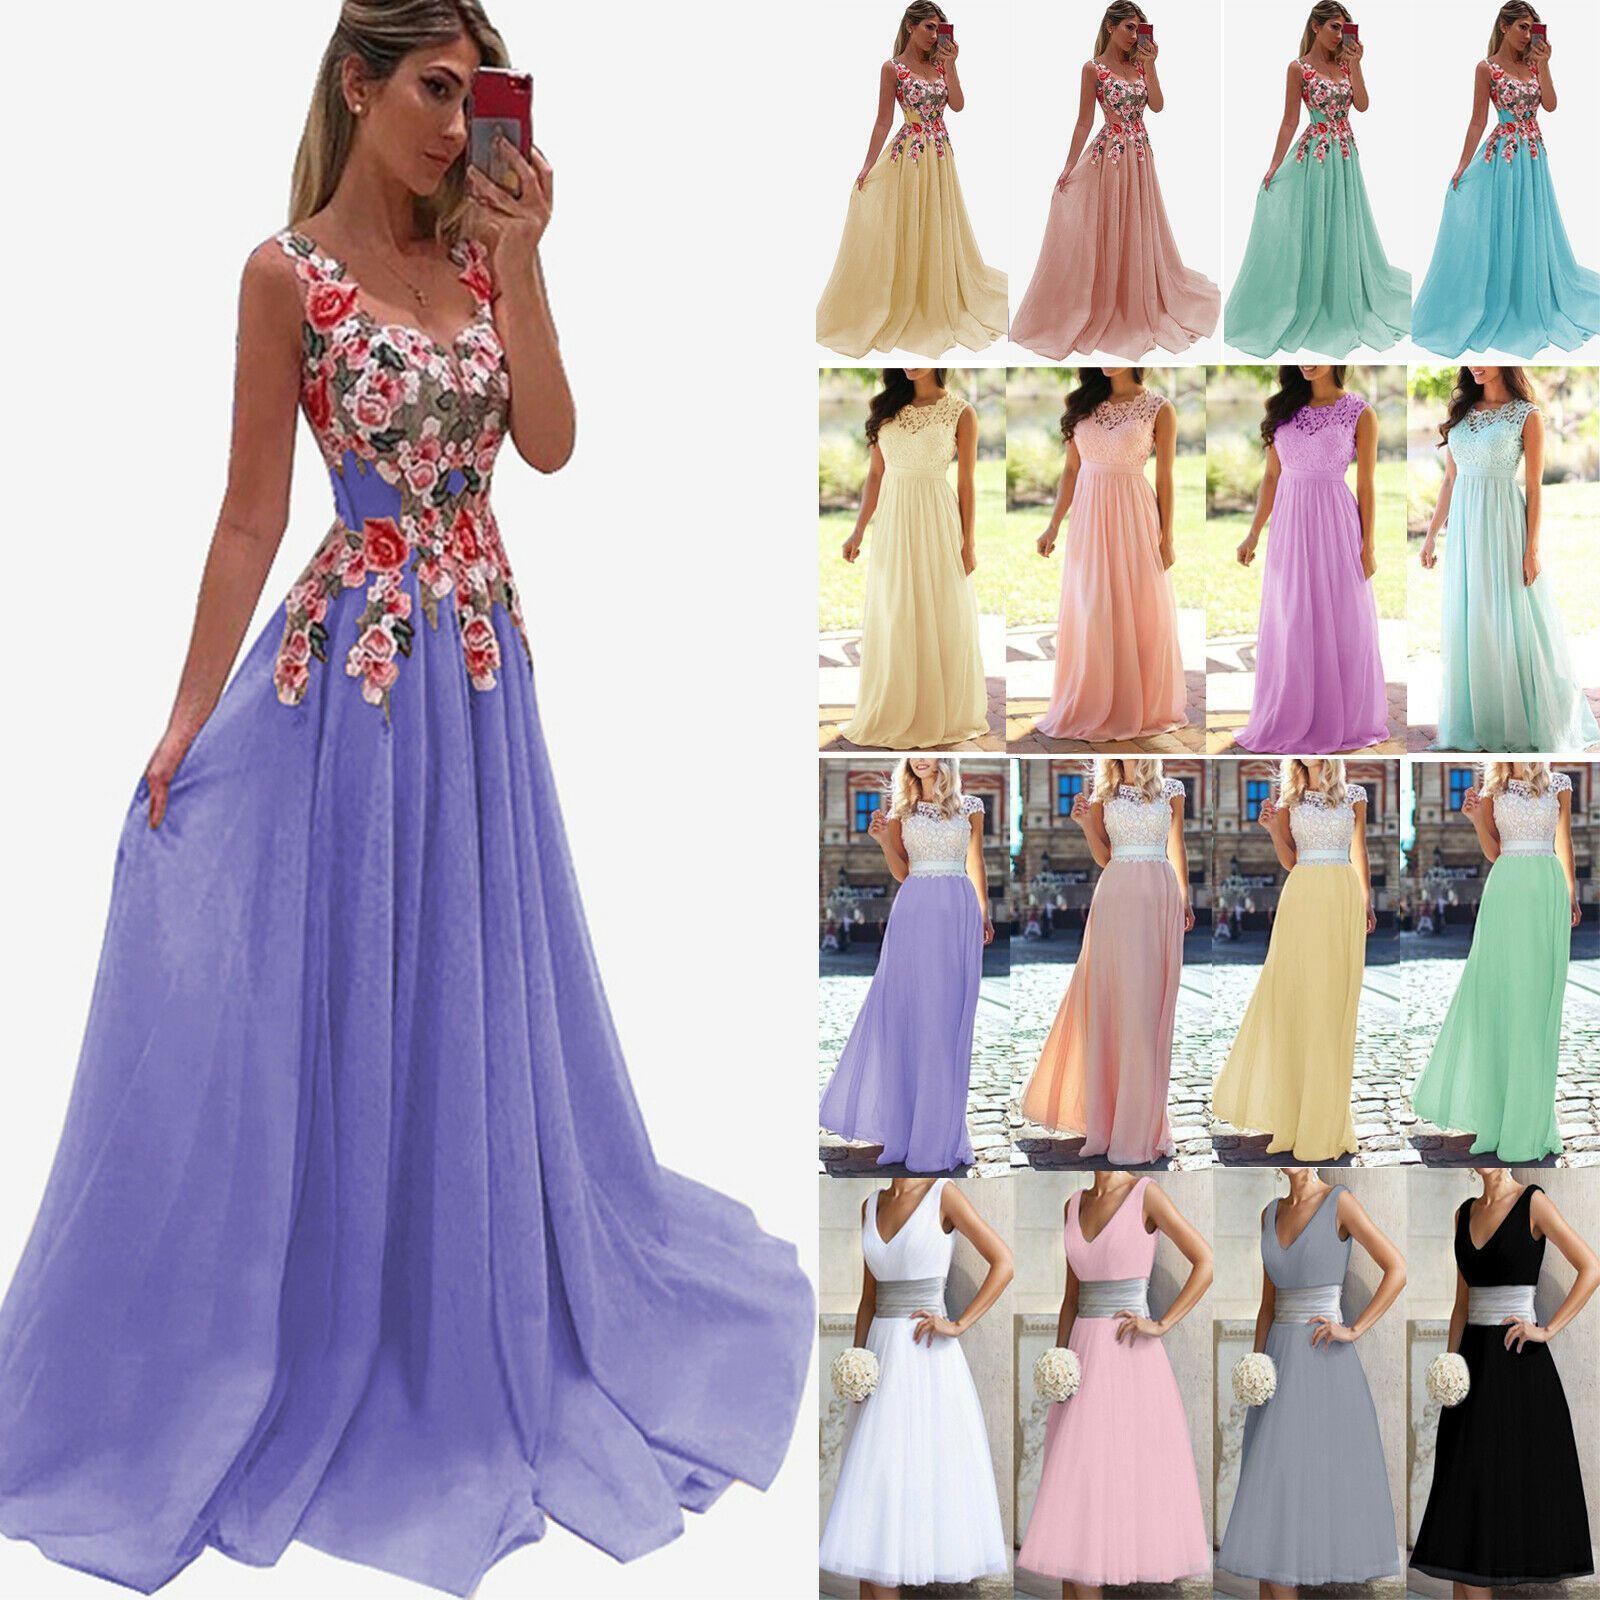 10 Cool Maxikleid Abendkleid Ärmel15 Fantastisch Maxikleid Abendkleid Design